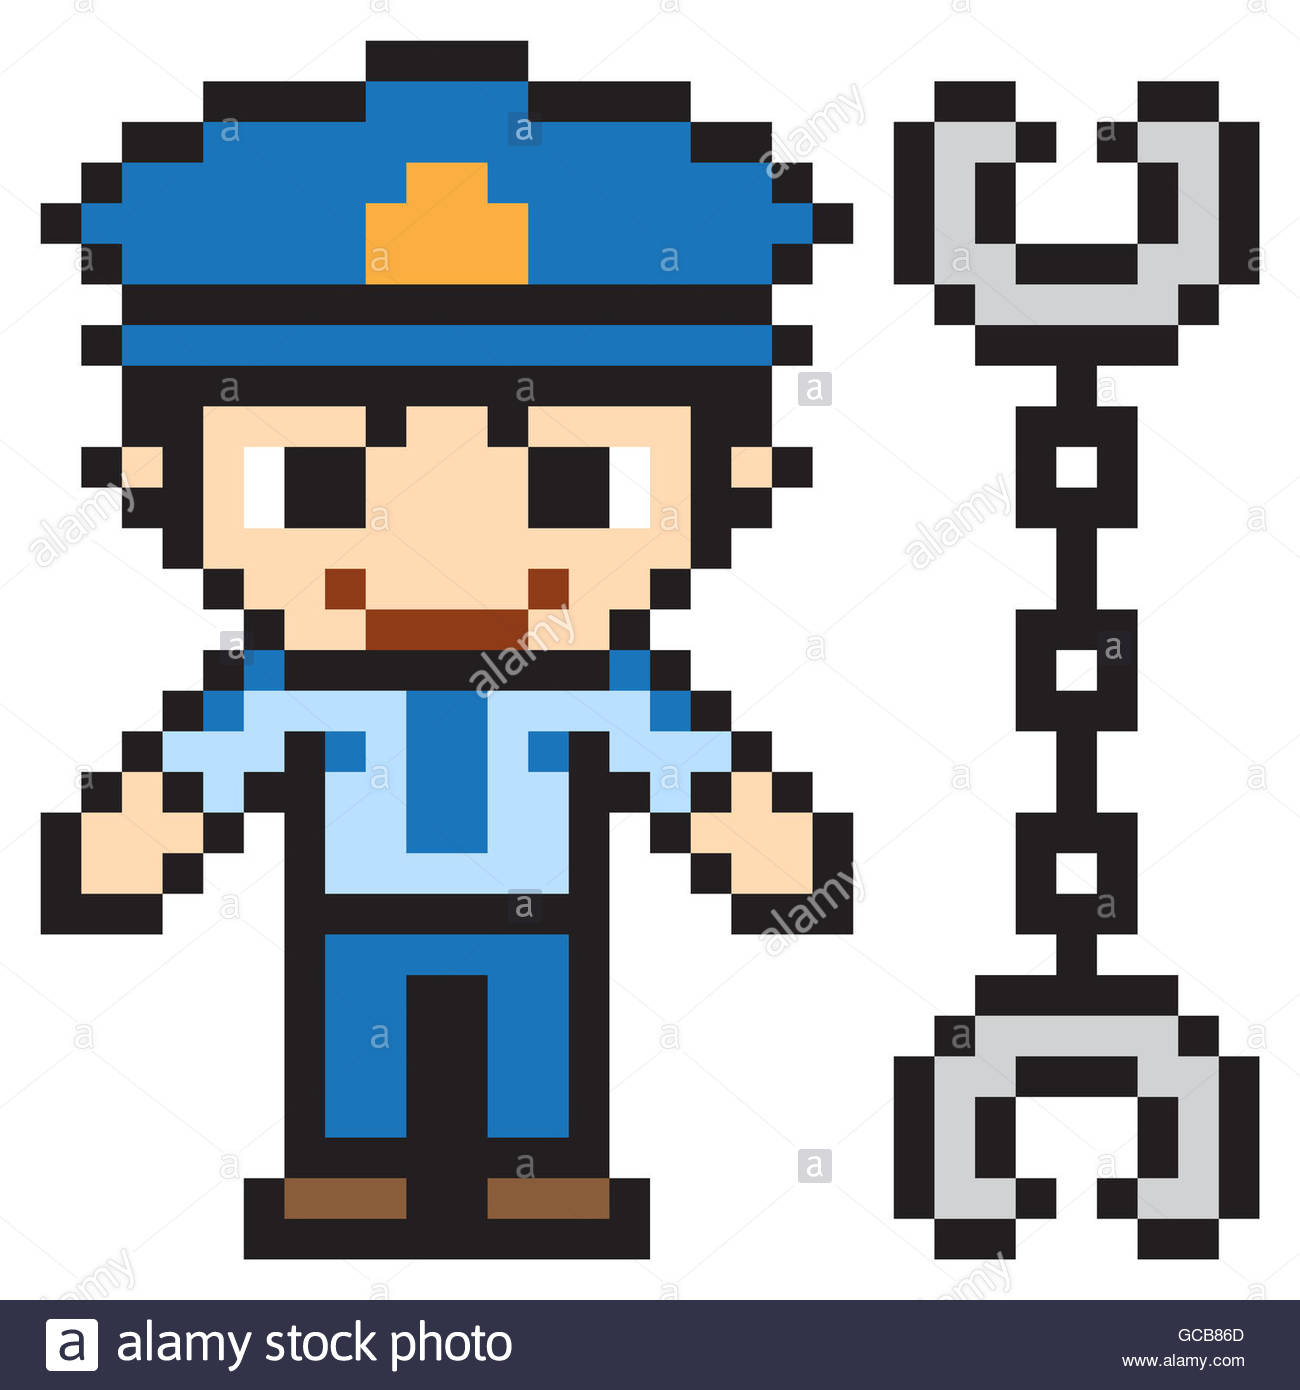 La Police Pixel Art Illustration Design Banque D'images encequiconcerne Voiture Pixel Art